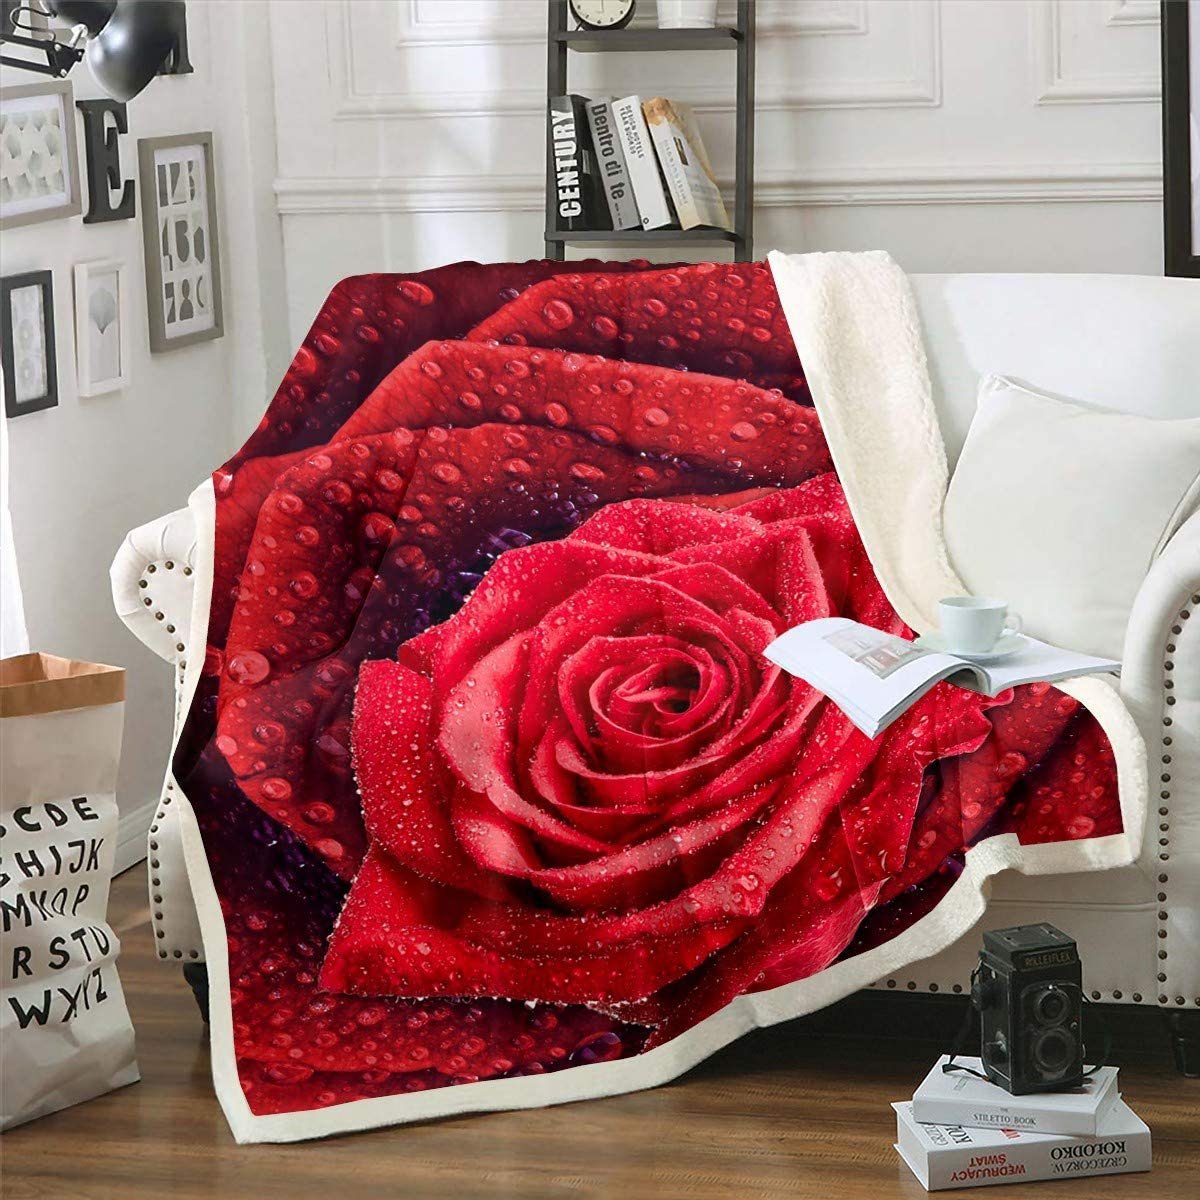 Brand new Erosebridal Rose Flower Plush Beauty products Bed Blanket Women for Fl Romantic